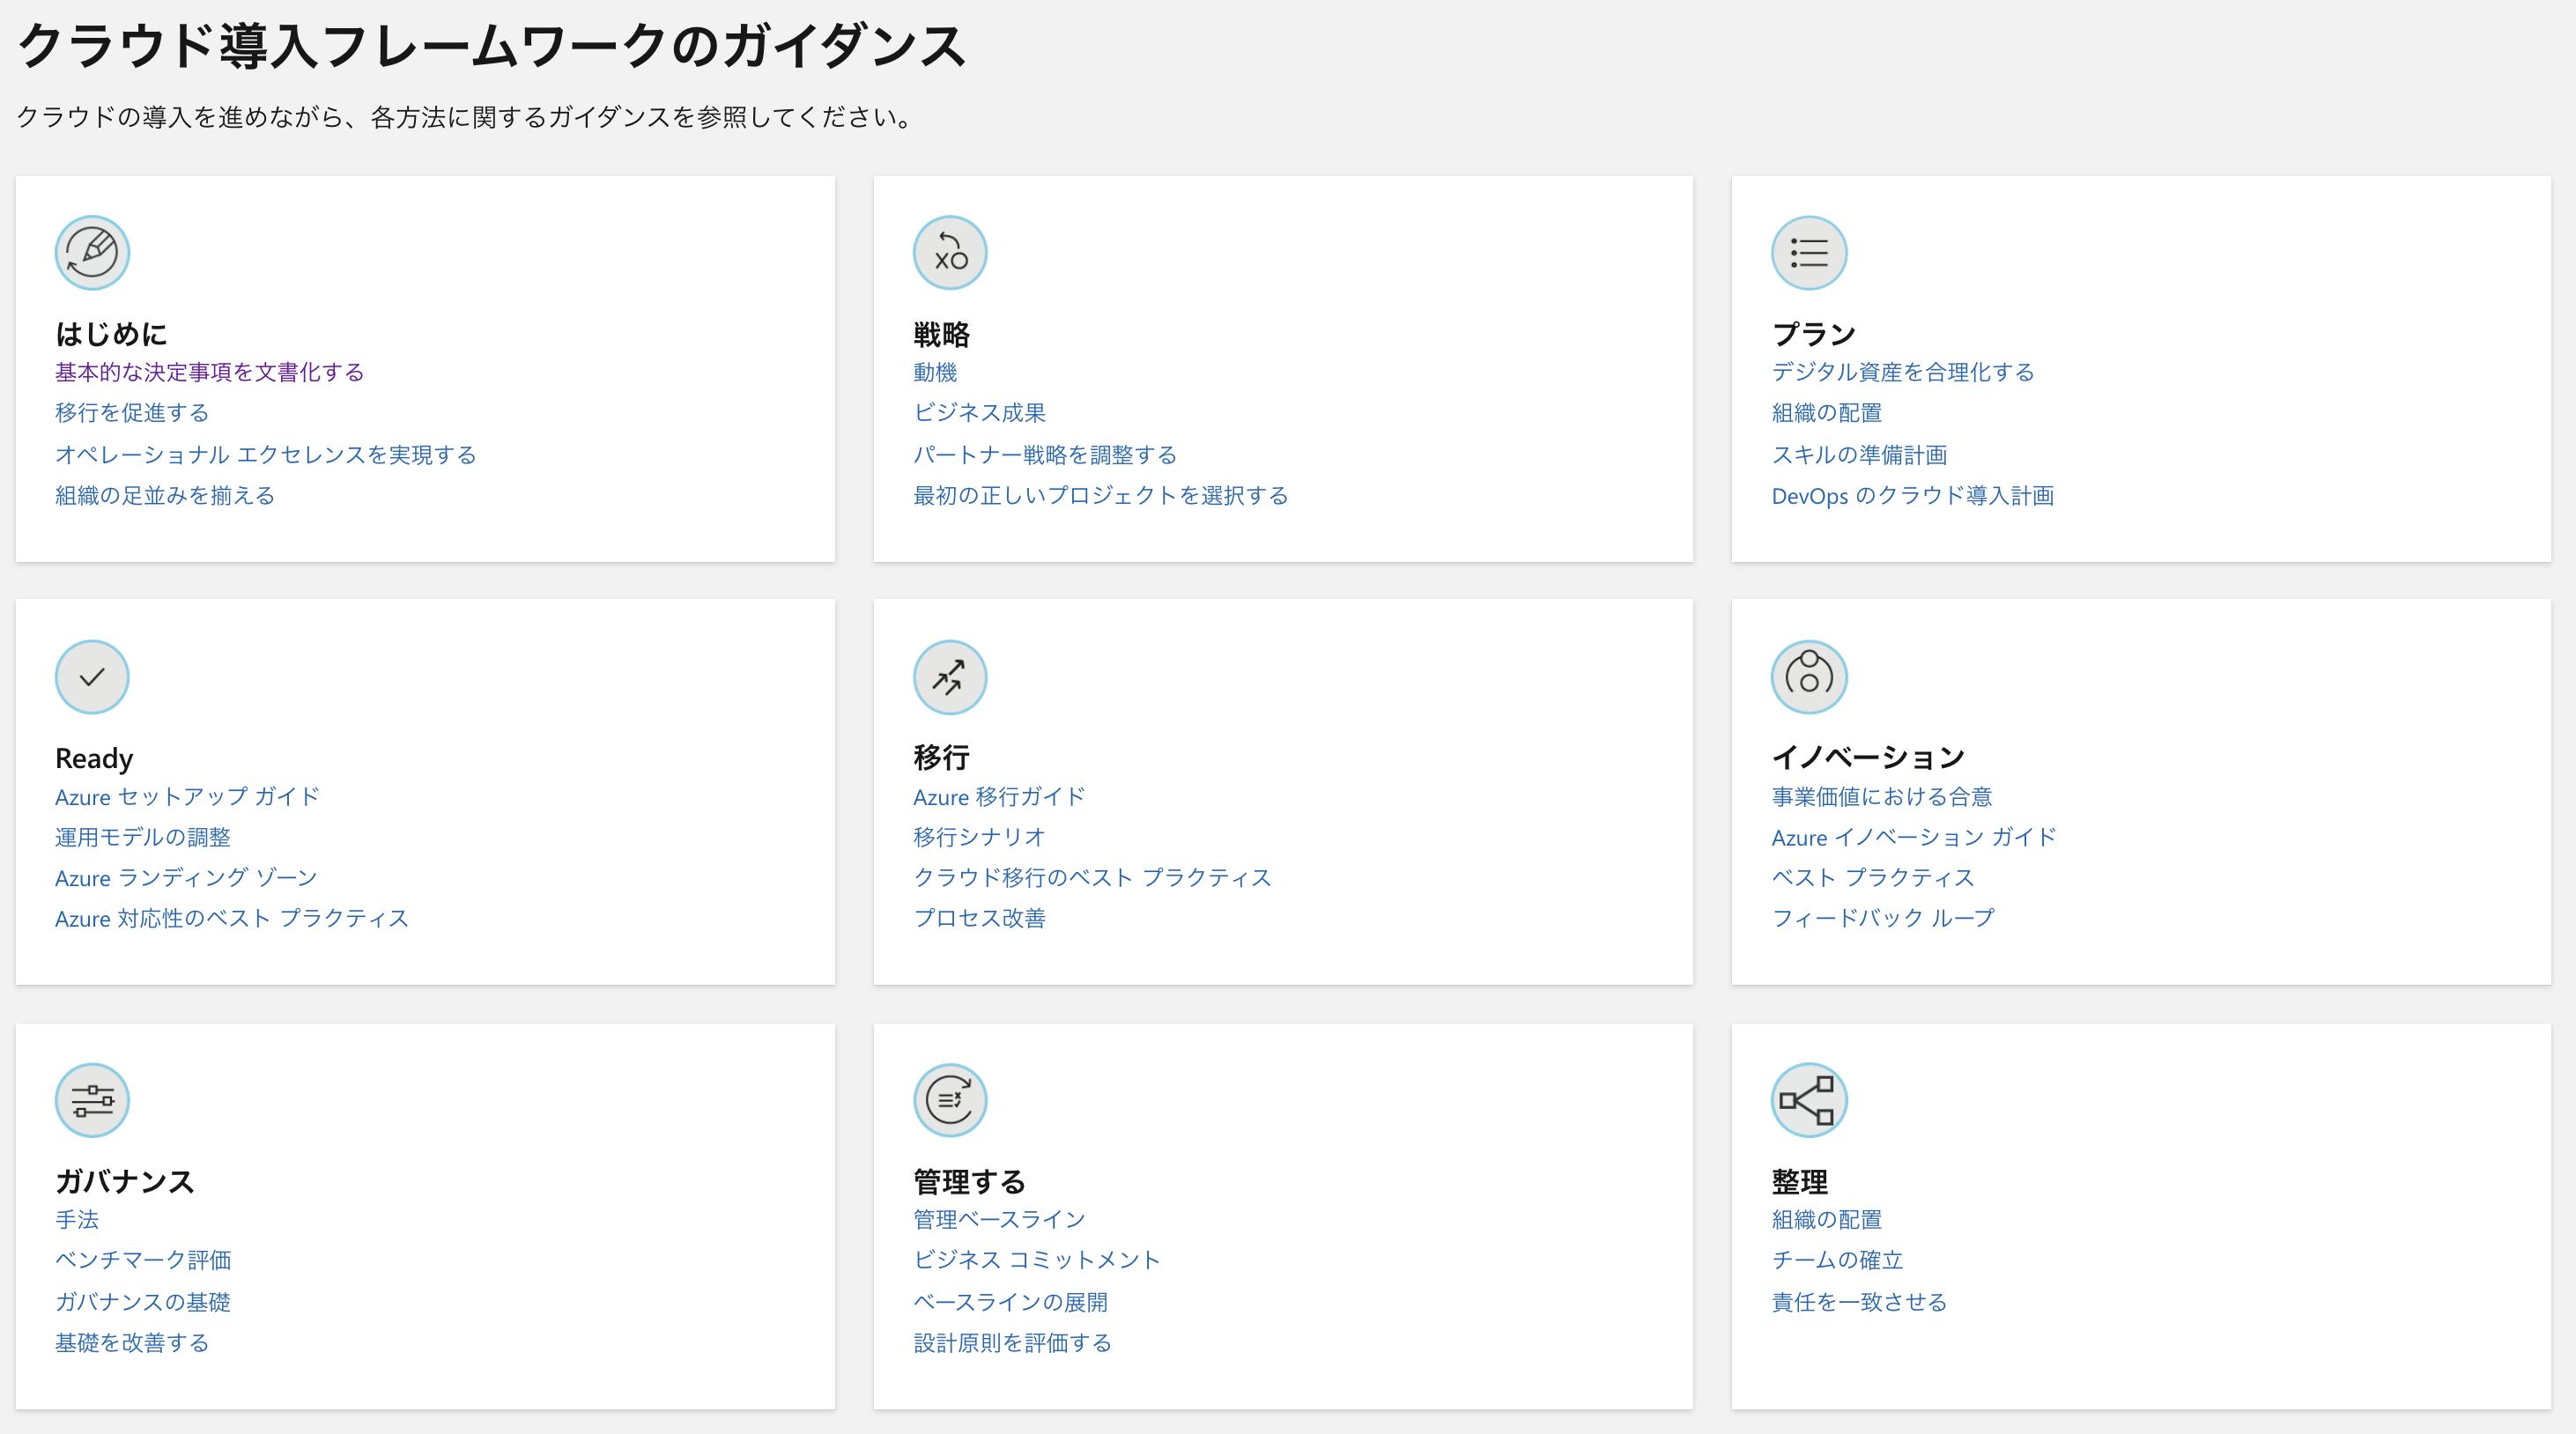 azure-learningpass-base11-03